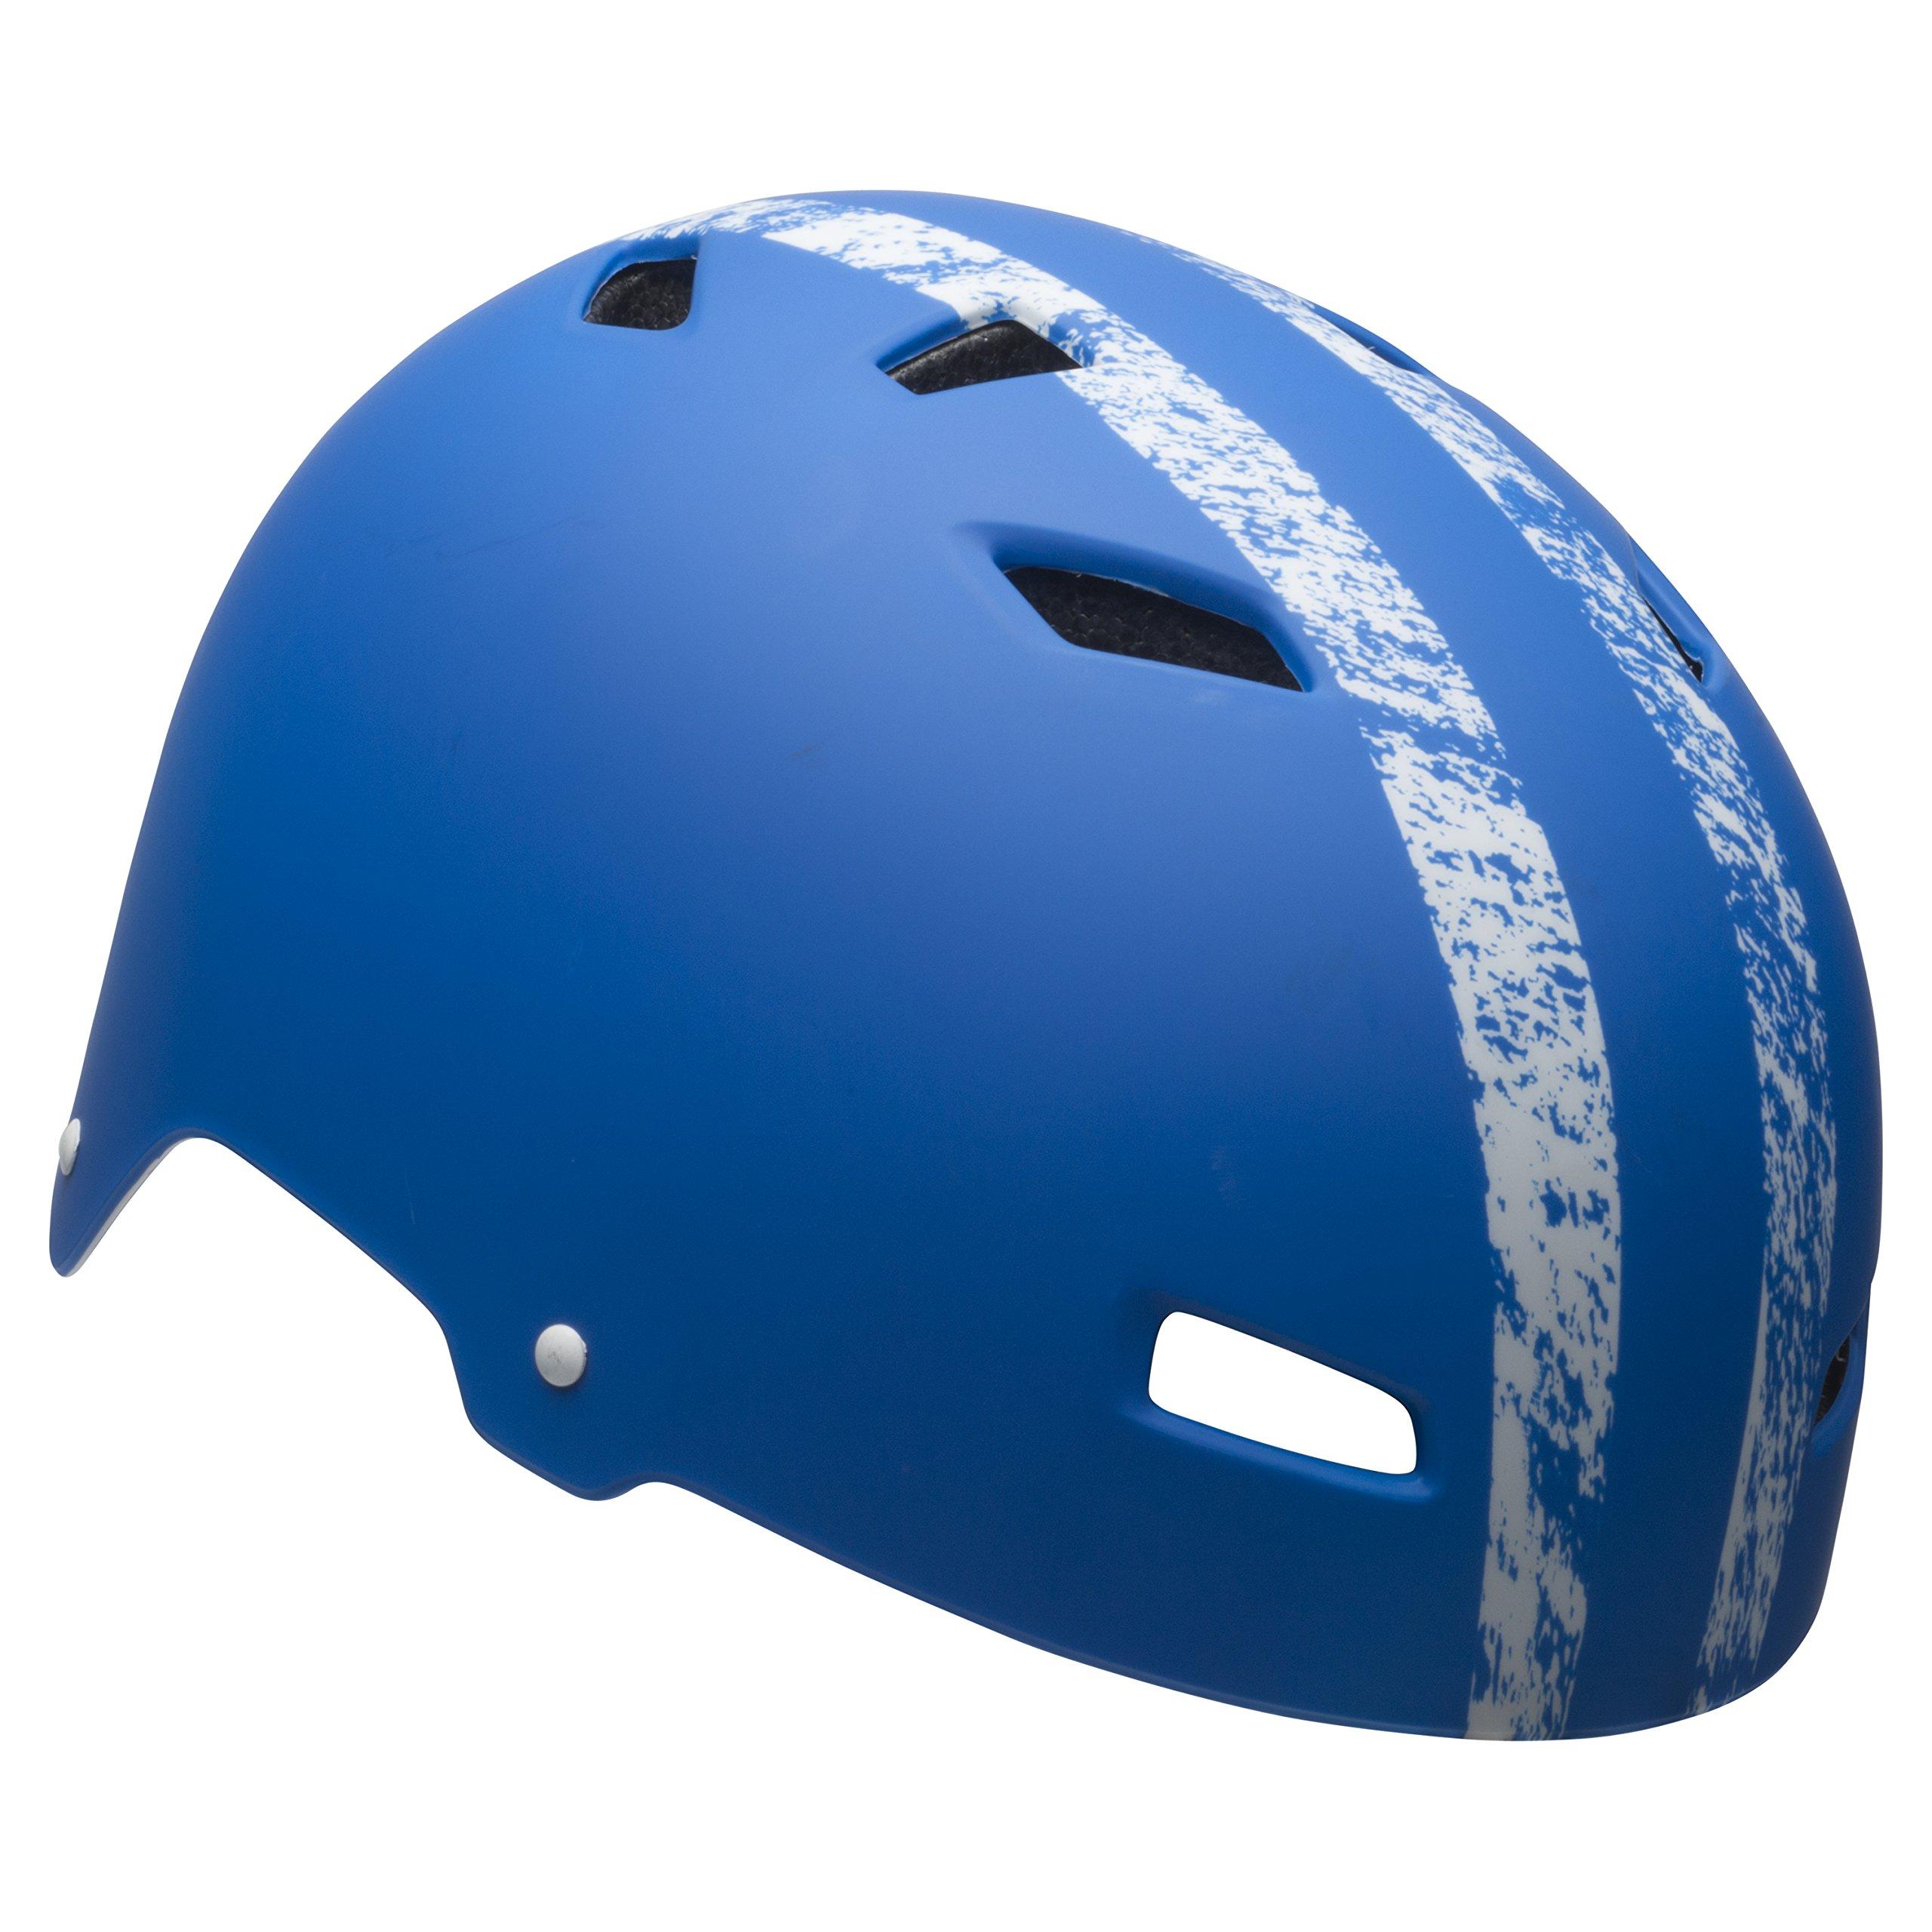 Bell Captain American Men's Multi-Sport Helmet